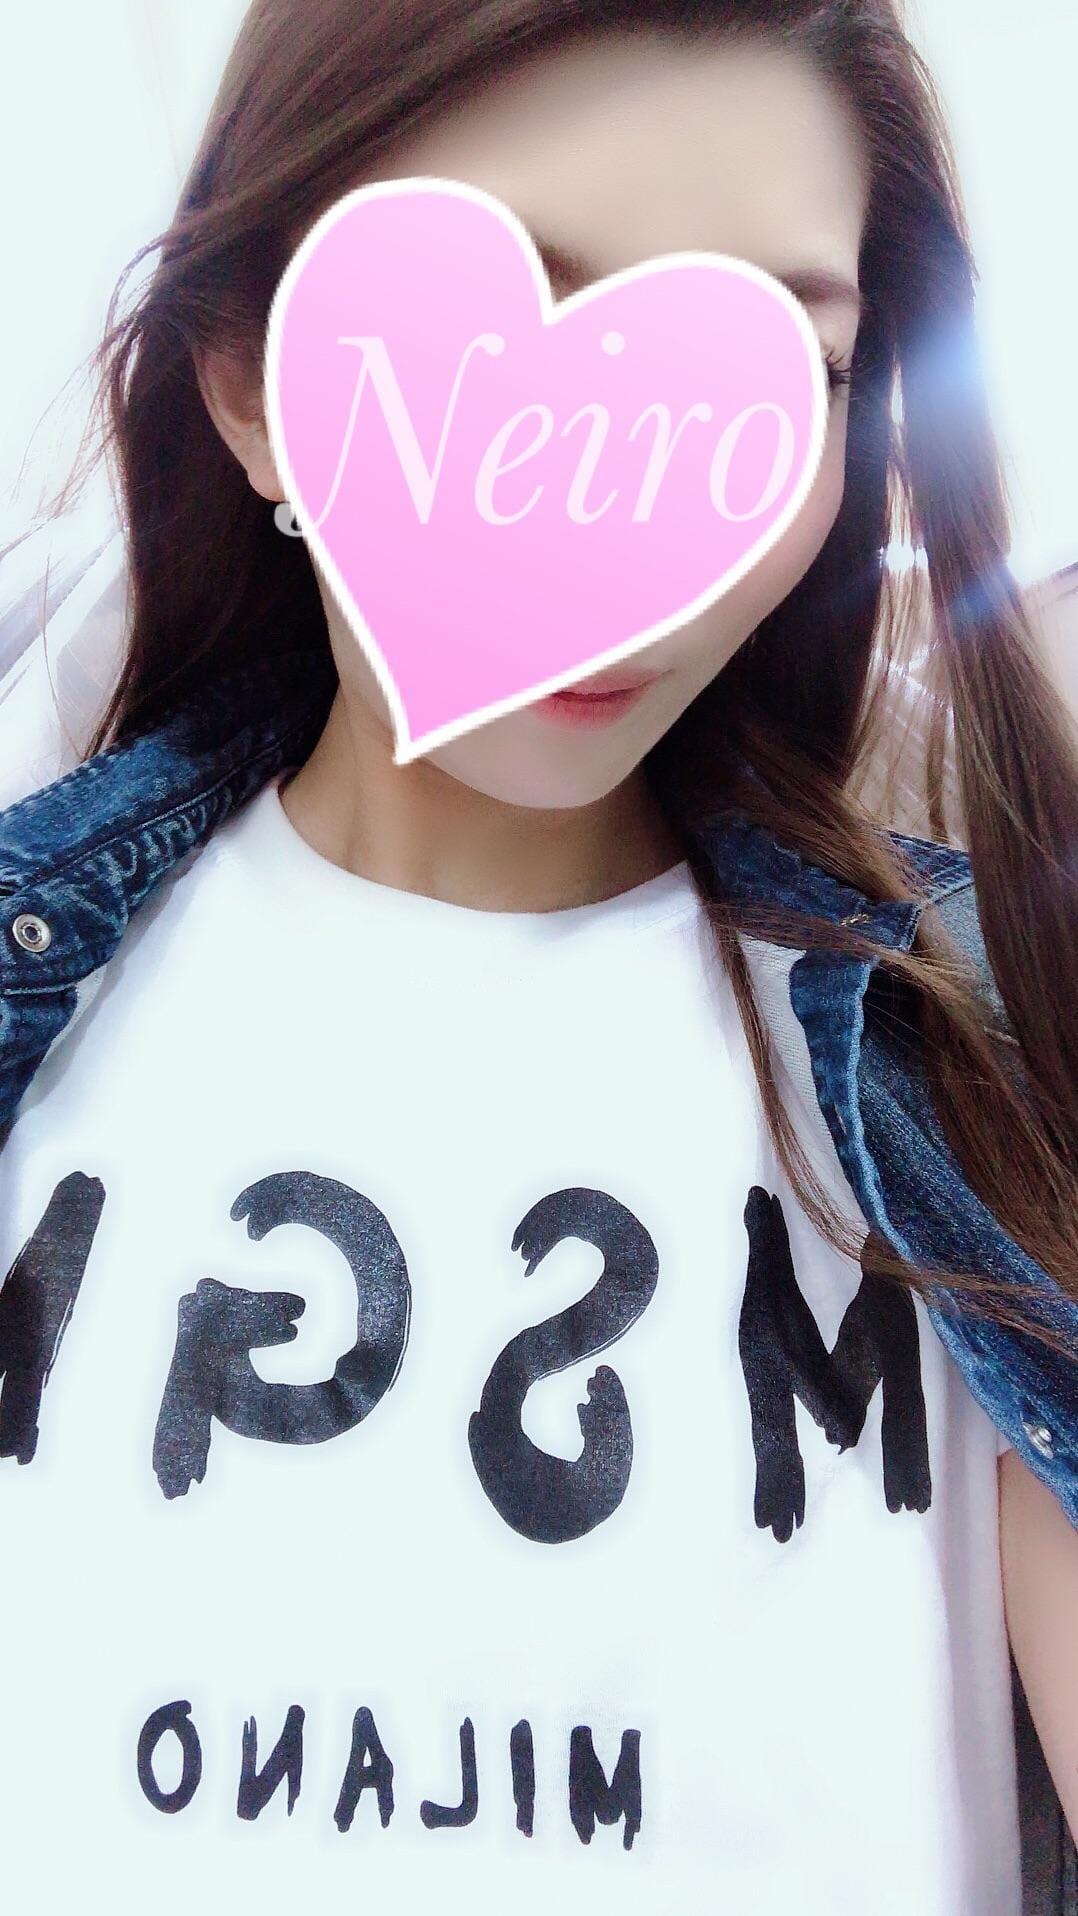 花咲 ねいろ「ありがとう?」08/17(金) 20:07   花咲 ねいろの写メ・風俗動画